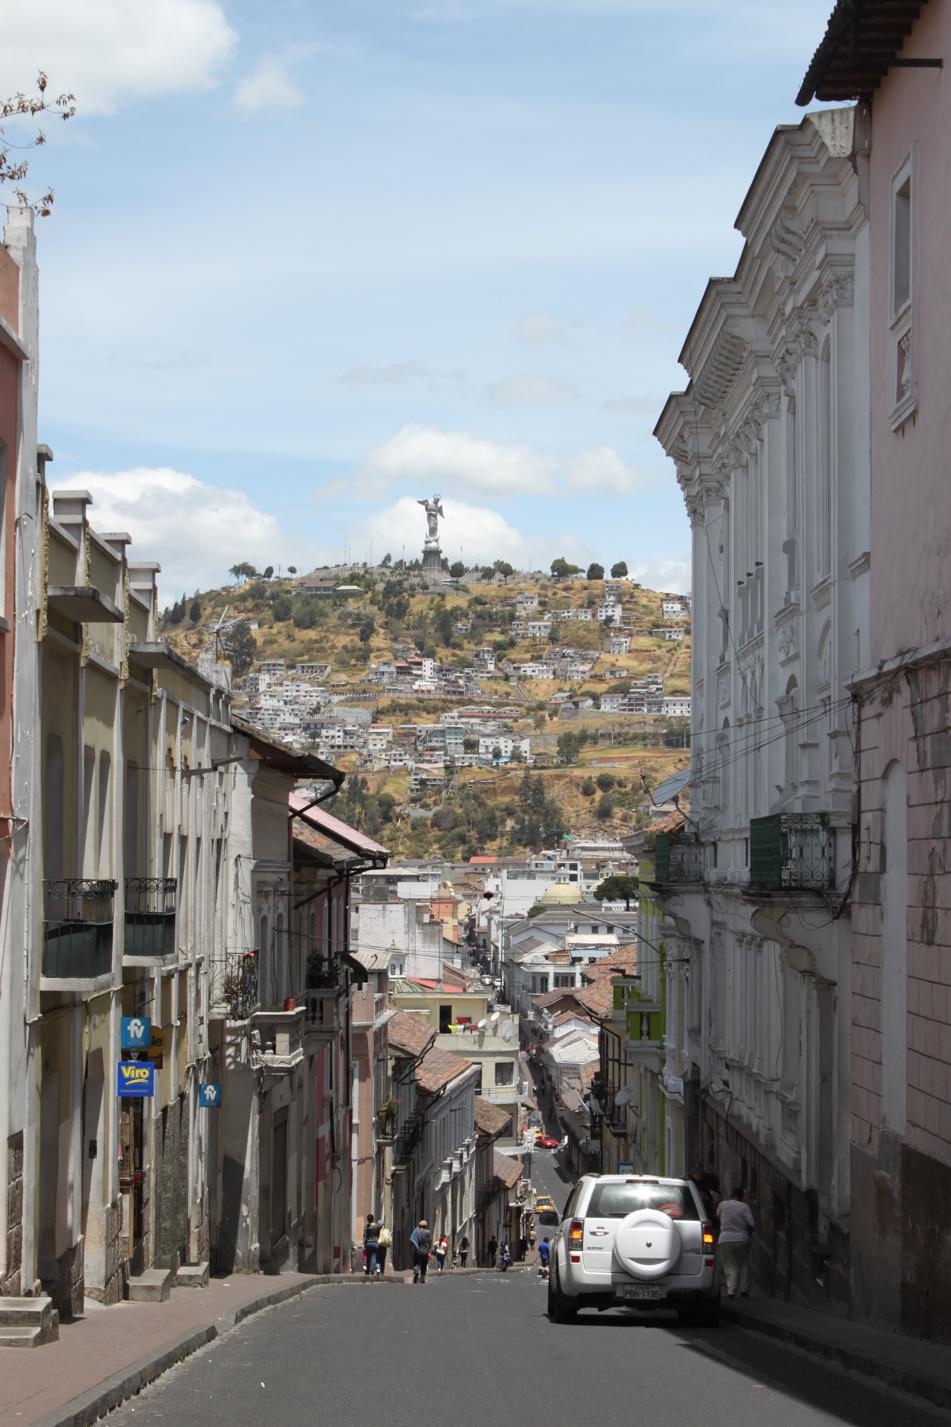 Blick durch die Gassen von Quito.